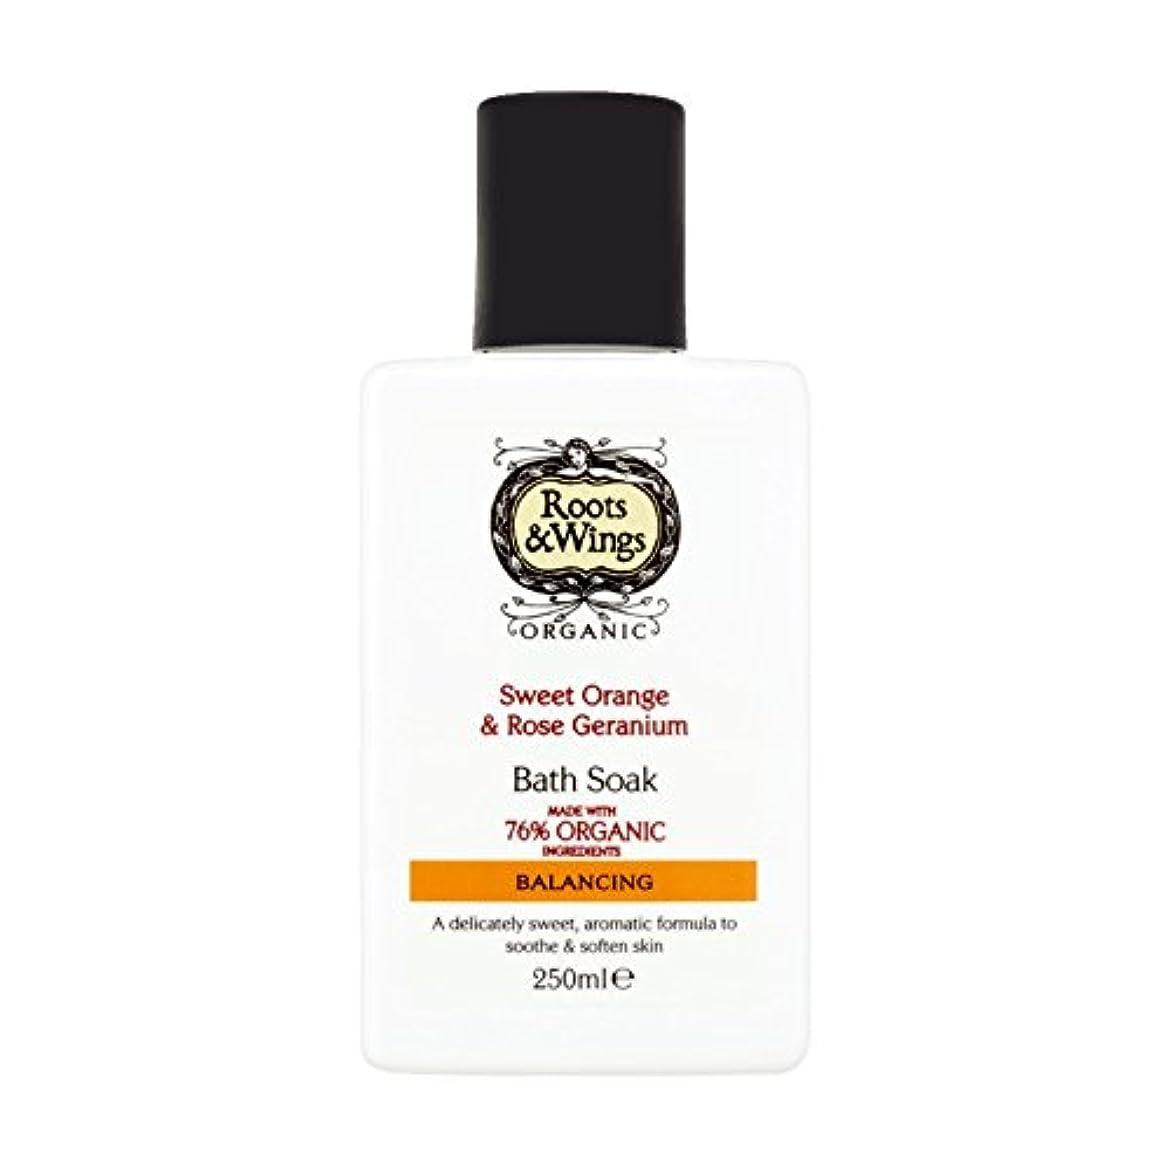 大腿リース鍔Roots & Wings Bath Soak Sweet Orange & Rose Geranium 250ml (Pack of 2) - ルーツ&翼バス甘いオレンジを浸し&ゼラニウム250ミリリットルをバラ (x2) [並行輸入品]